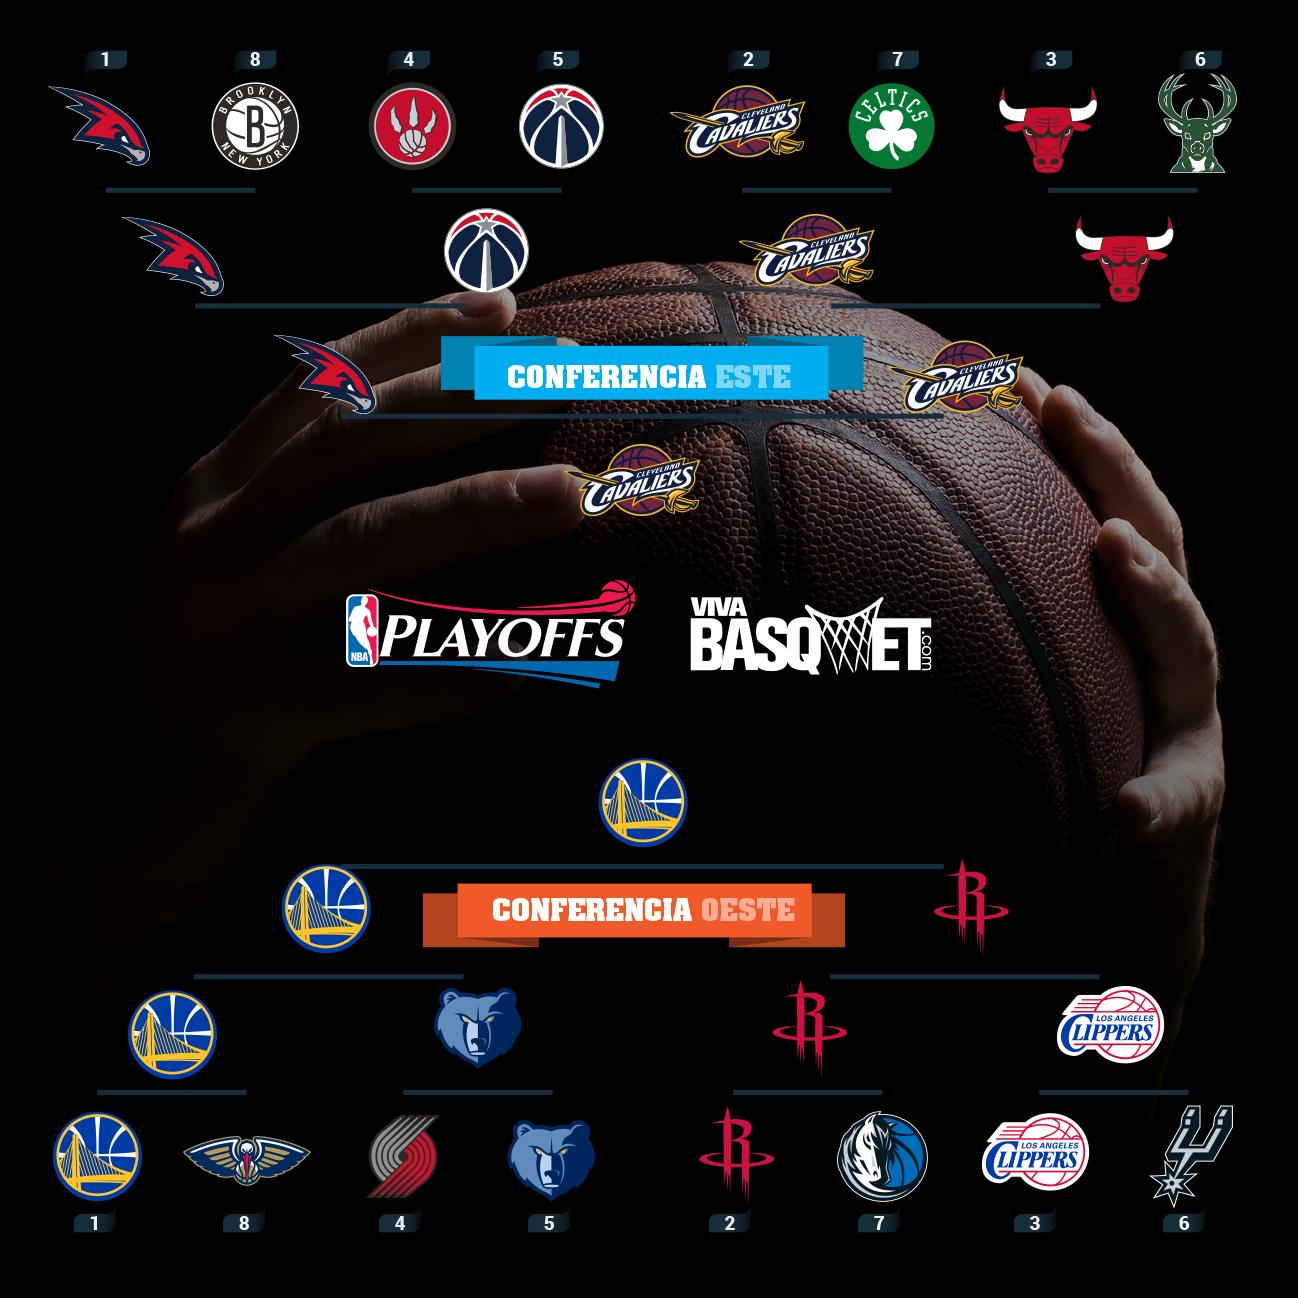 Viva Basquet te trae el braquet oficial de los playoffs 2015 de la NBA